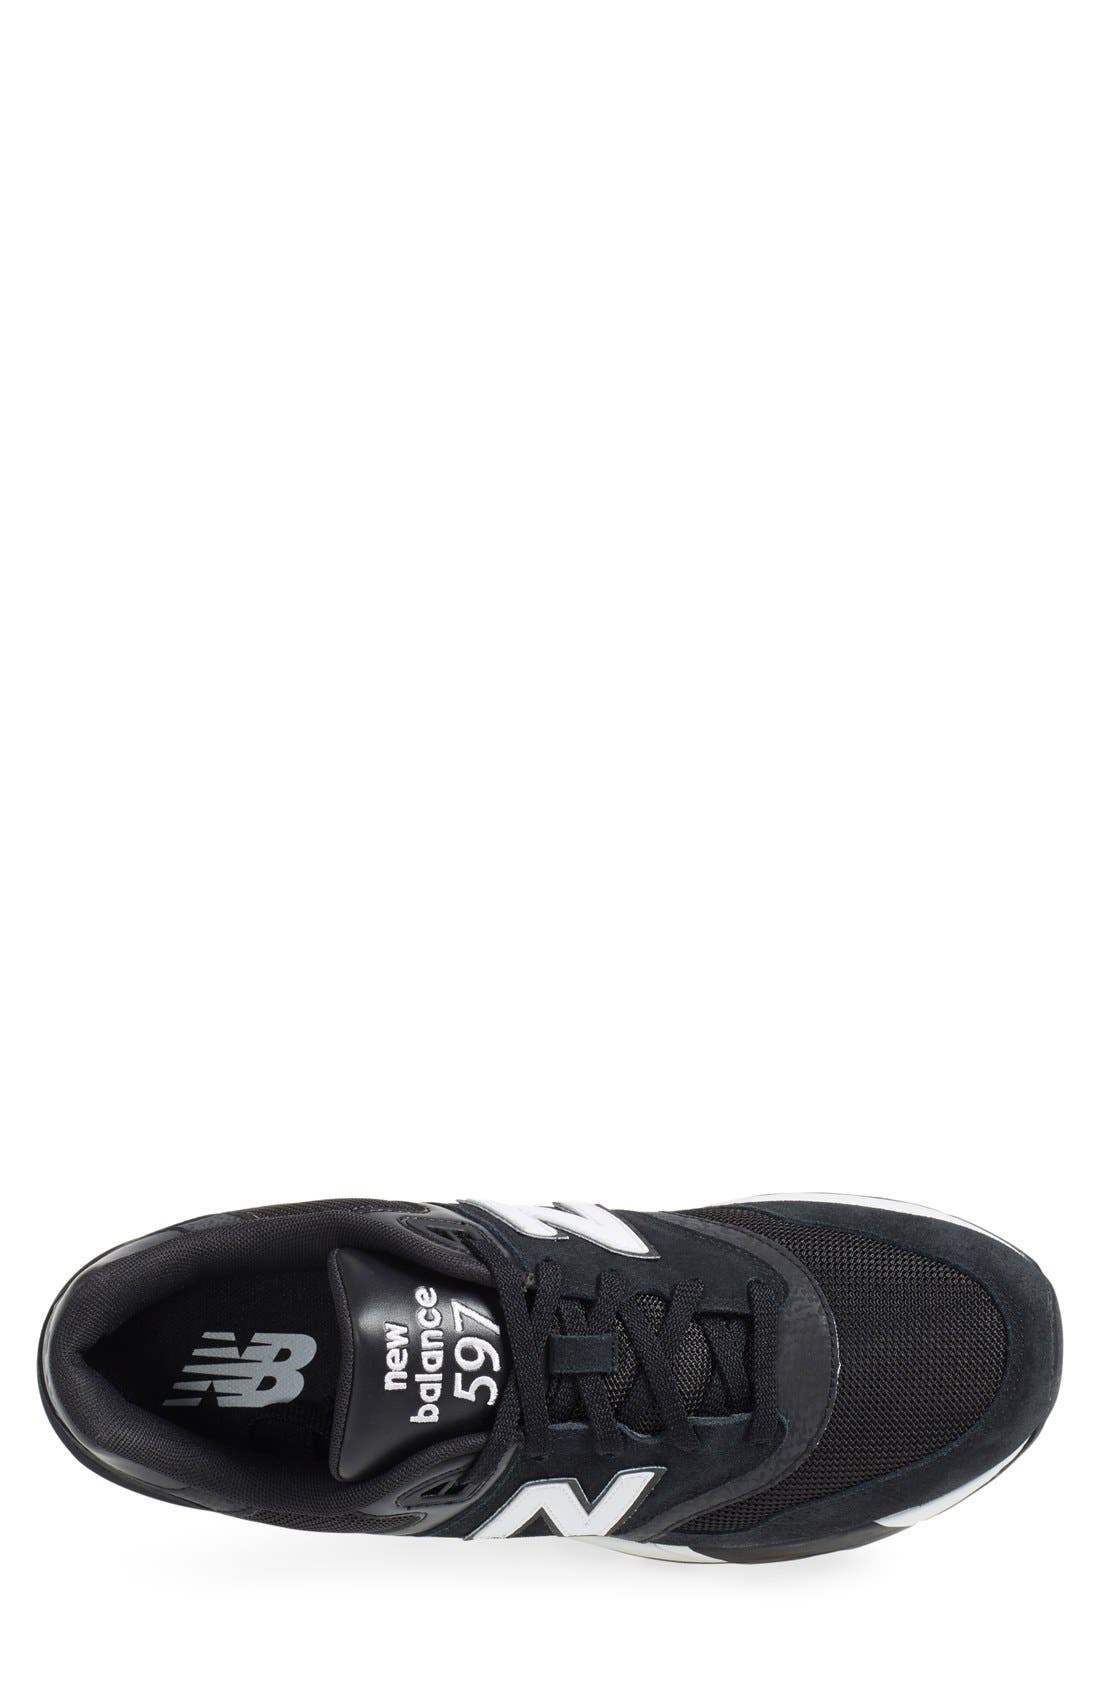 '597' Sneaker,                             Alternate thumbnail 2, color,                             001